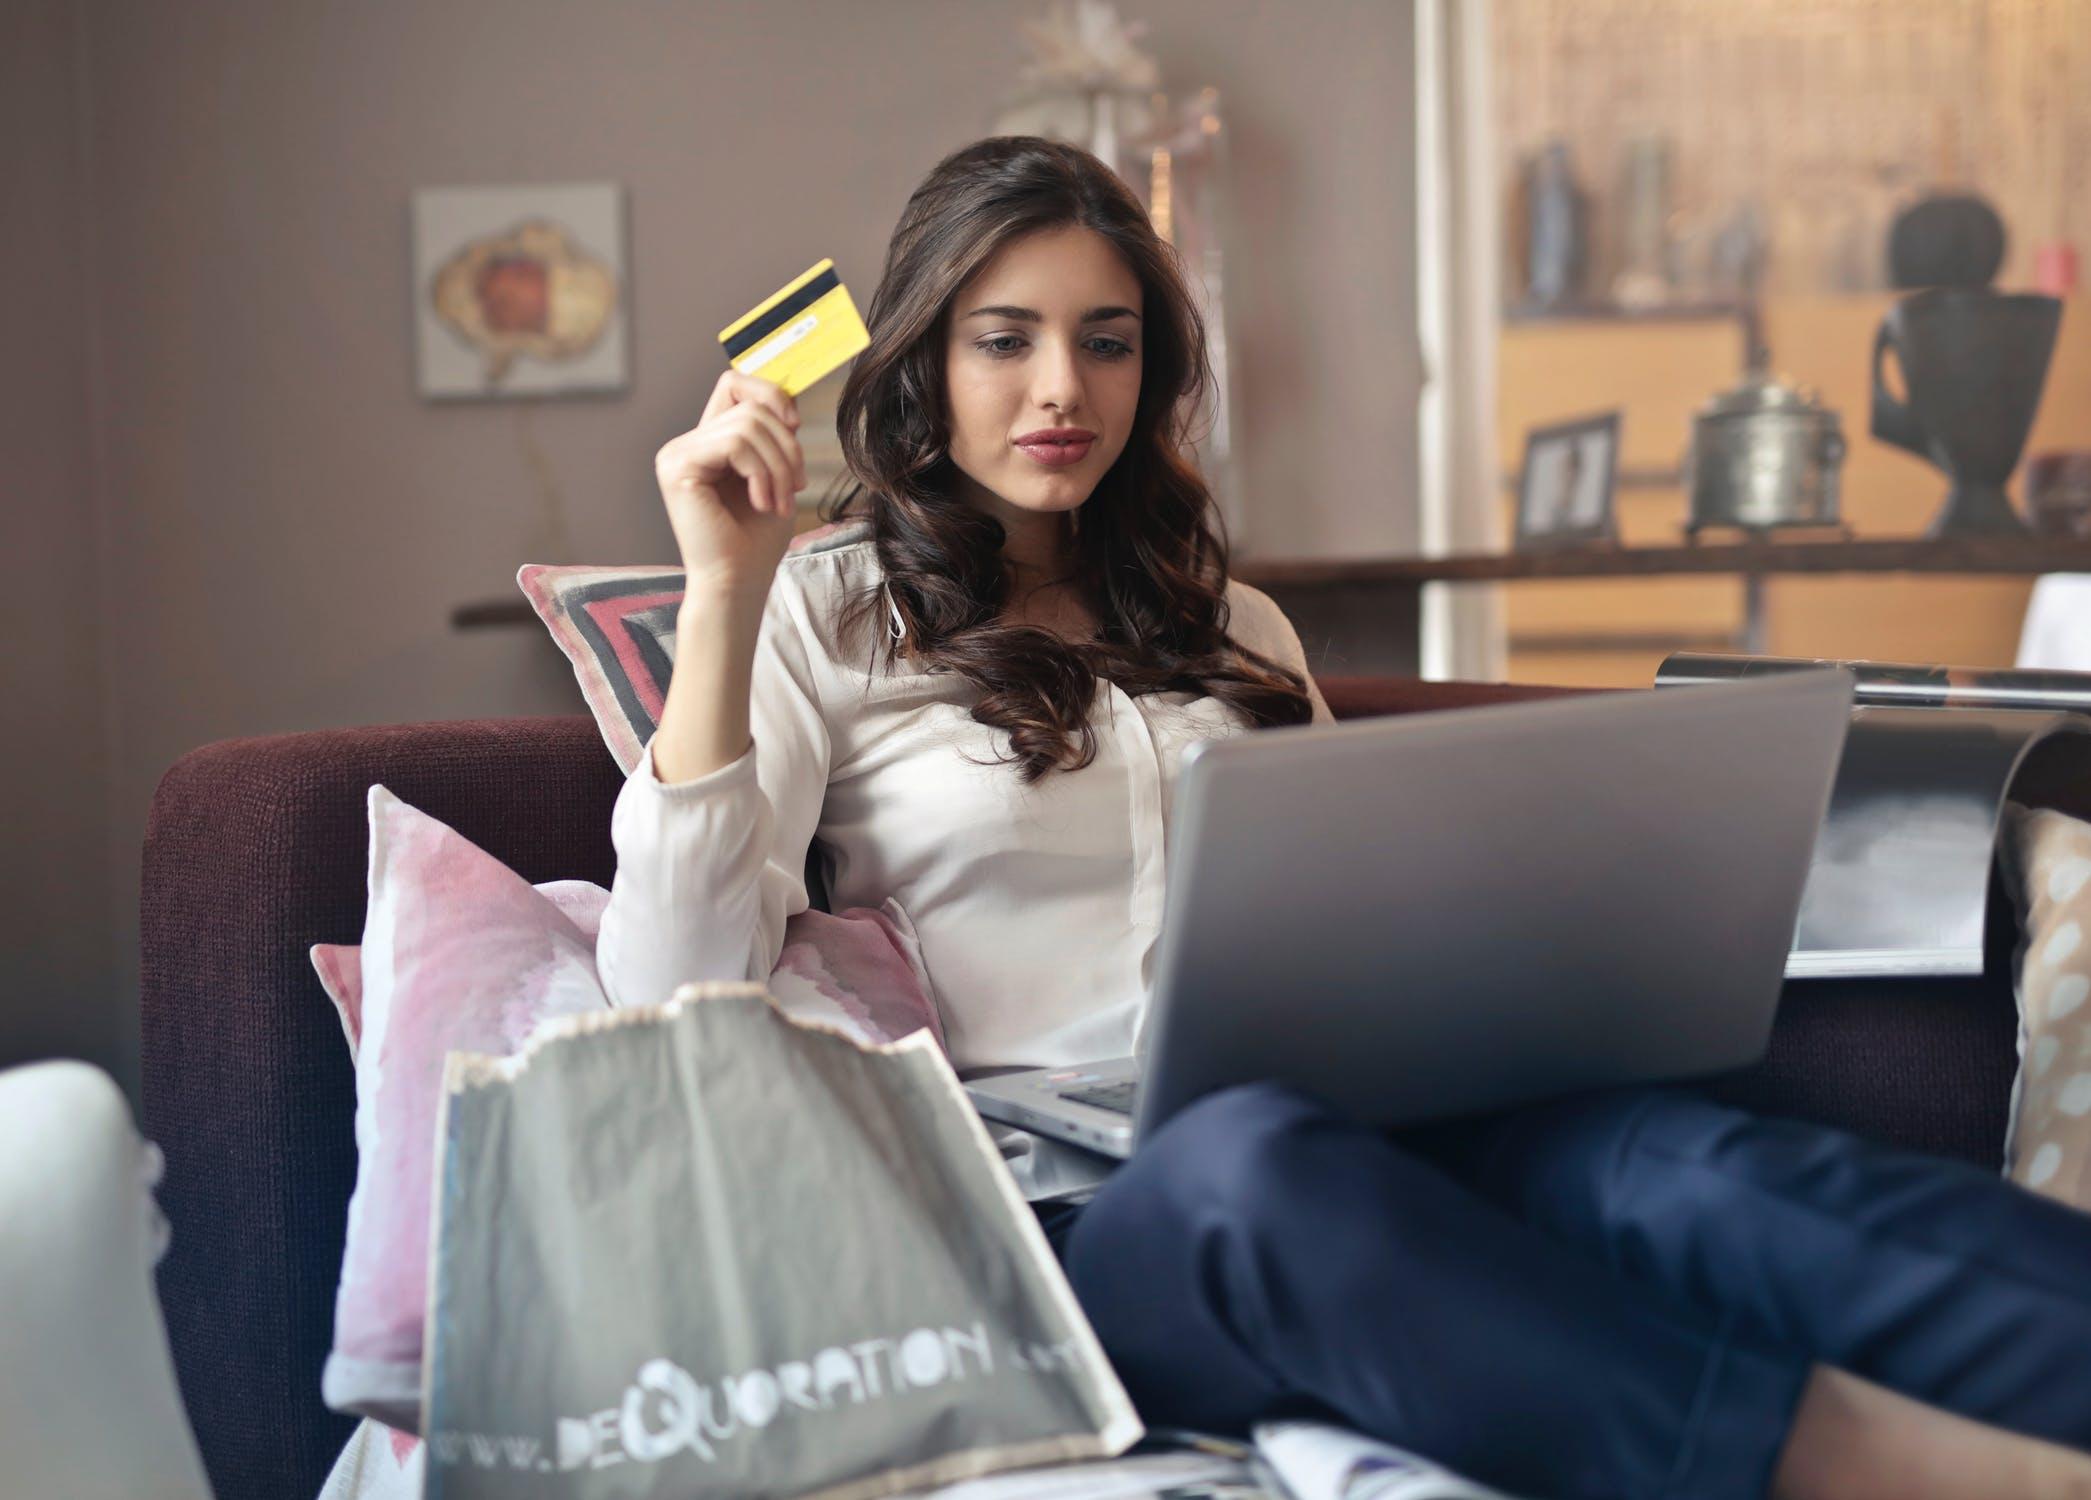 最新报告称:90%千禧一代消费者表示,会因为价值观不同转向其它品牌